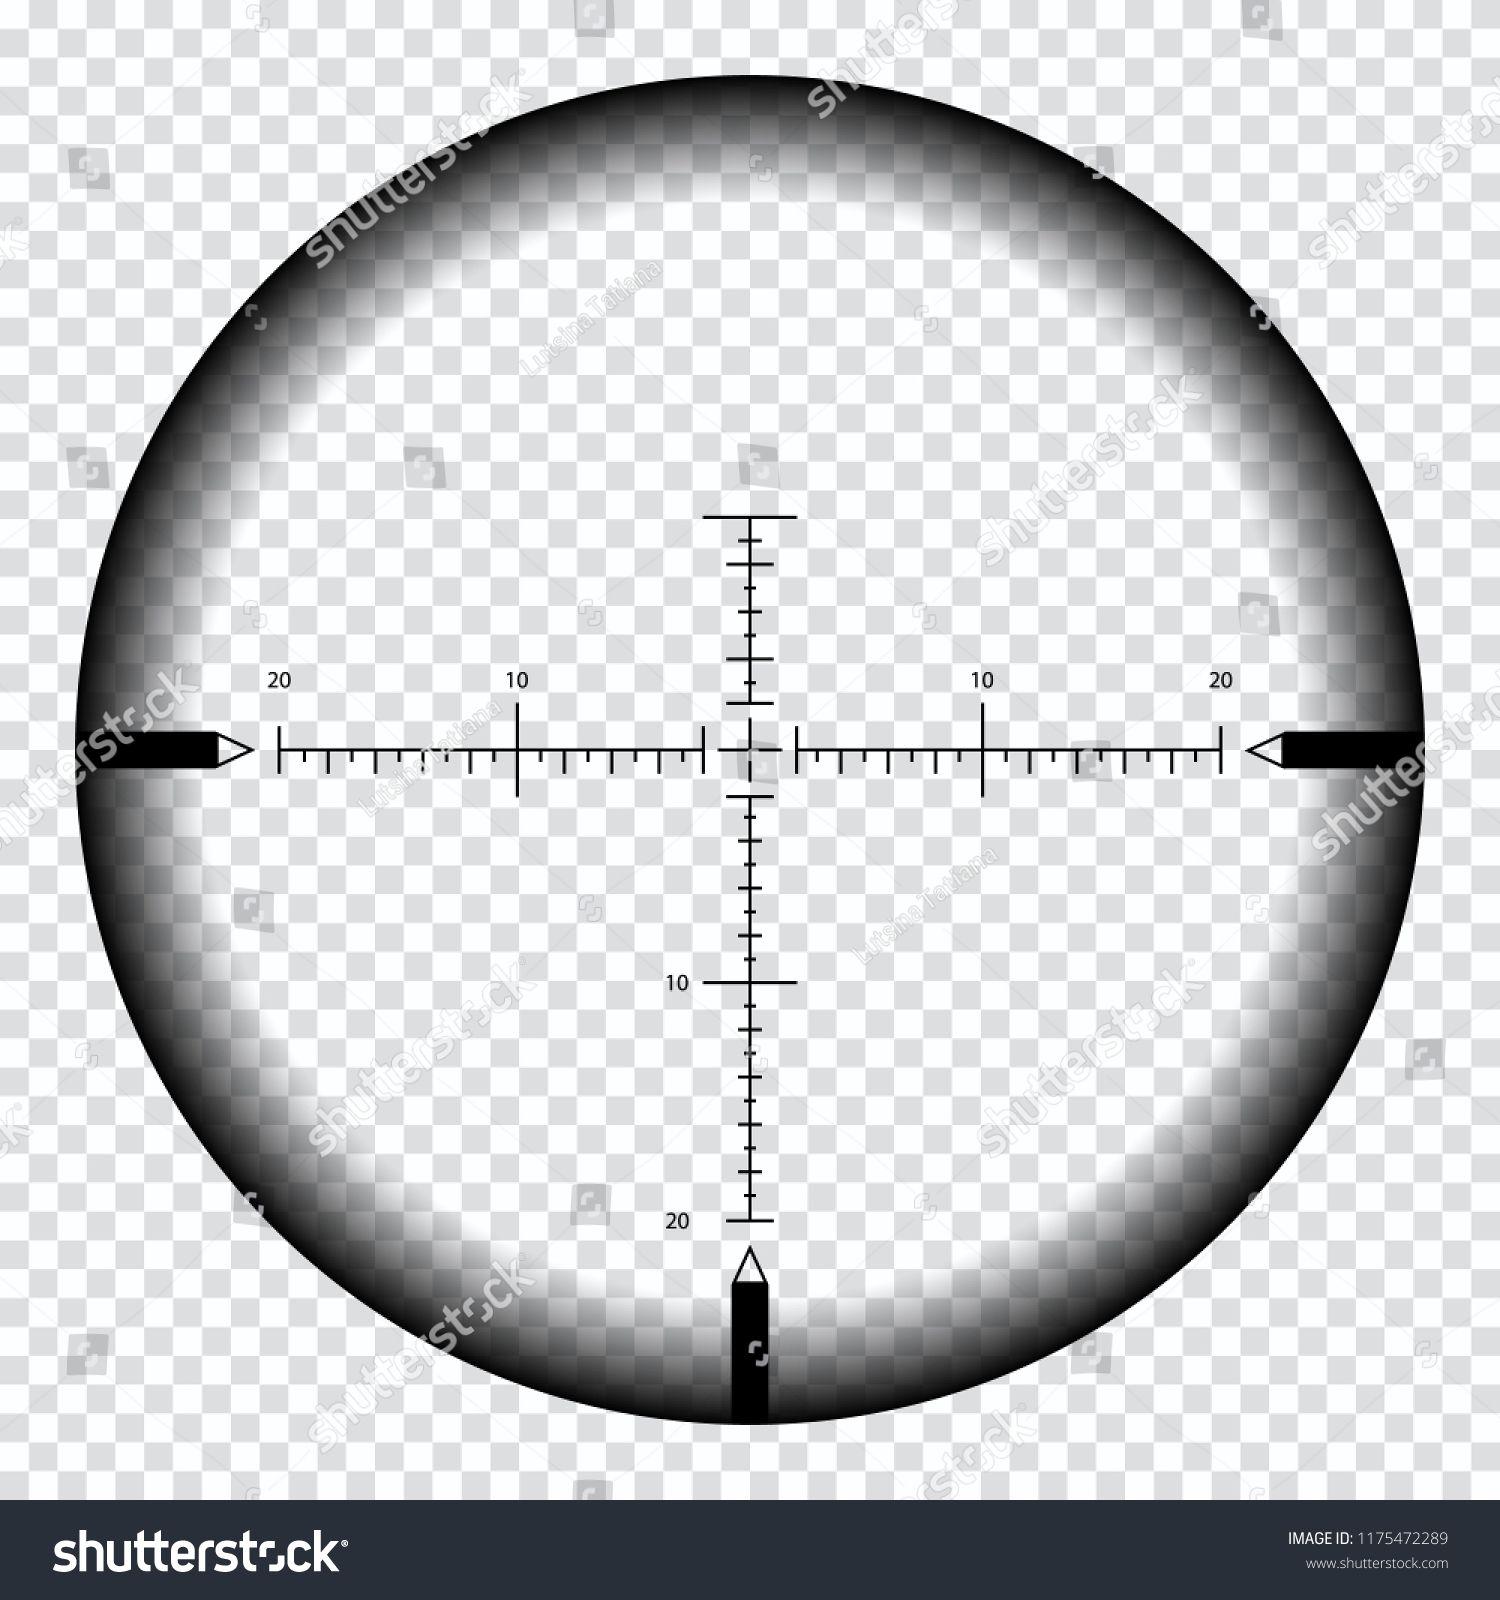 Pin By Dd Dµdºnd D D N D D Nd Nn On Vintage Print Sniper Graphics Inspiration Vintage Prints